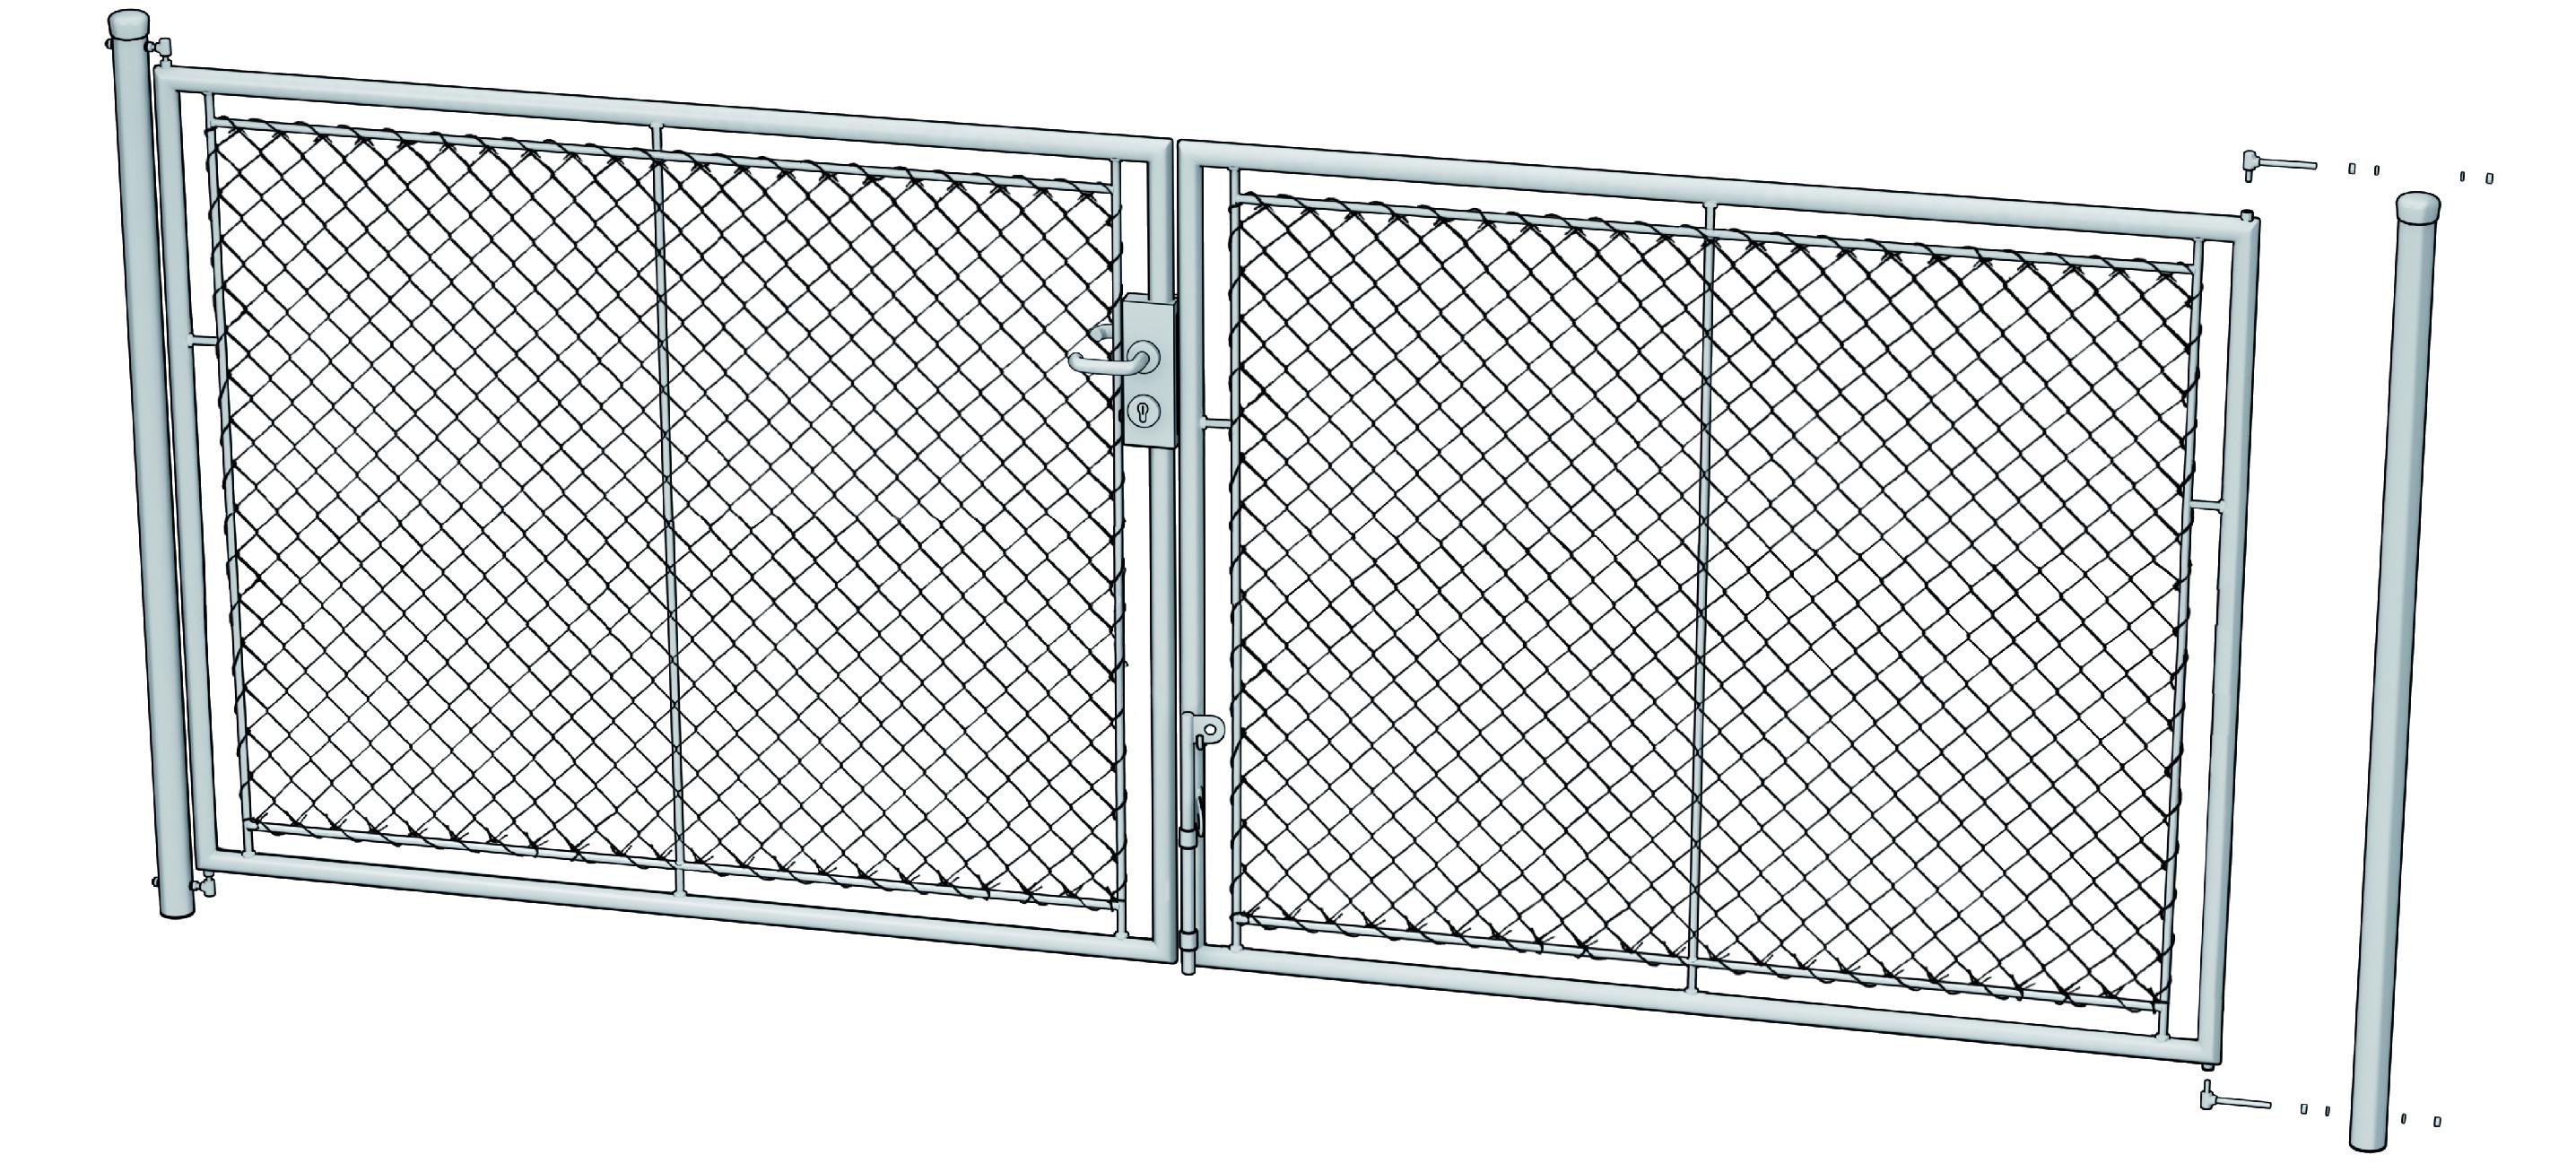 Zahradní brána psaníčko š. 3600 mm x v. dle výběru-příprava na FAB vč. sloupků Výška v mm:: 125060Kg